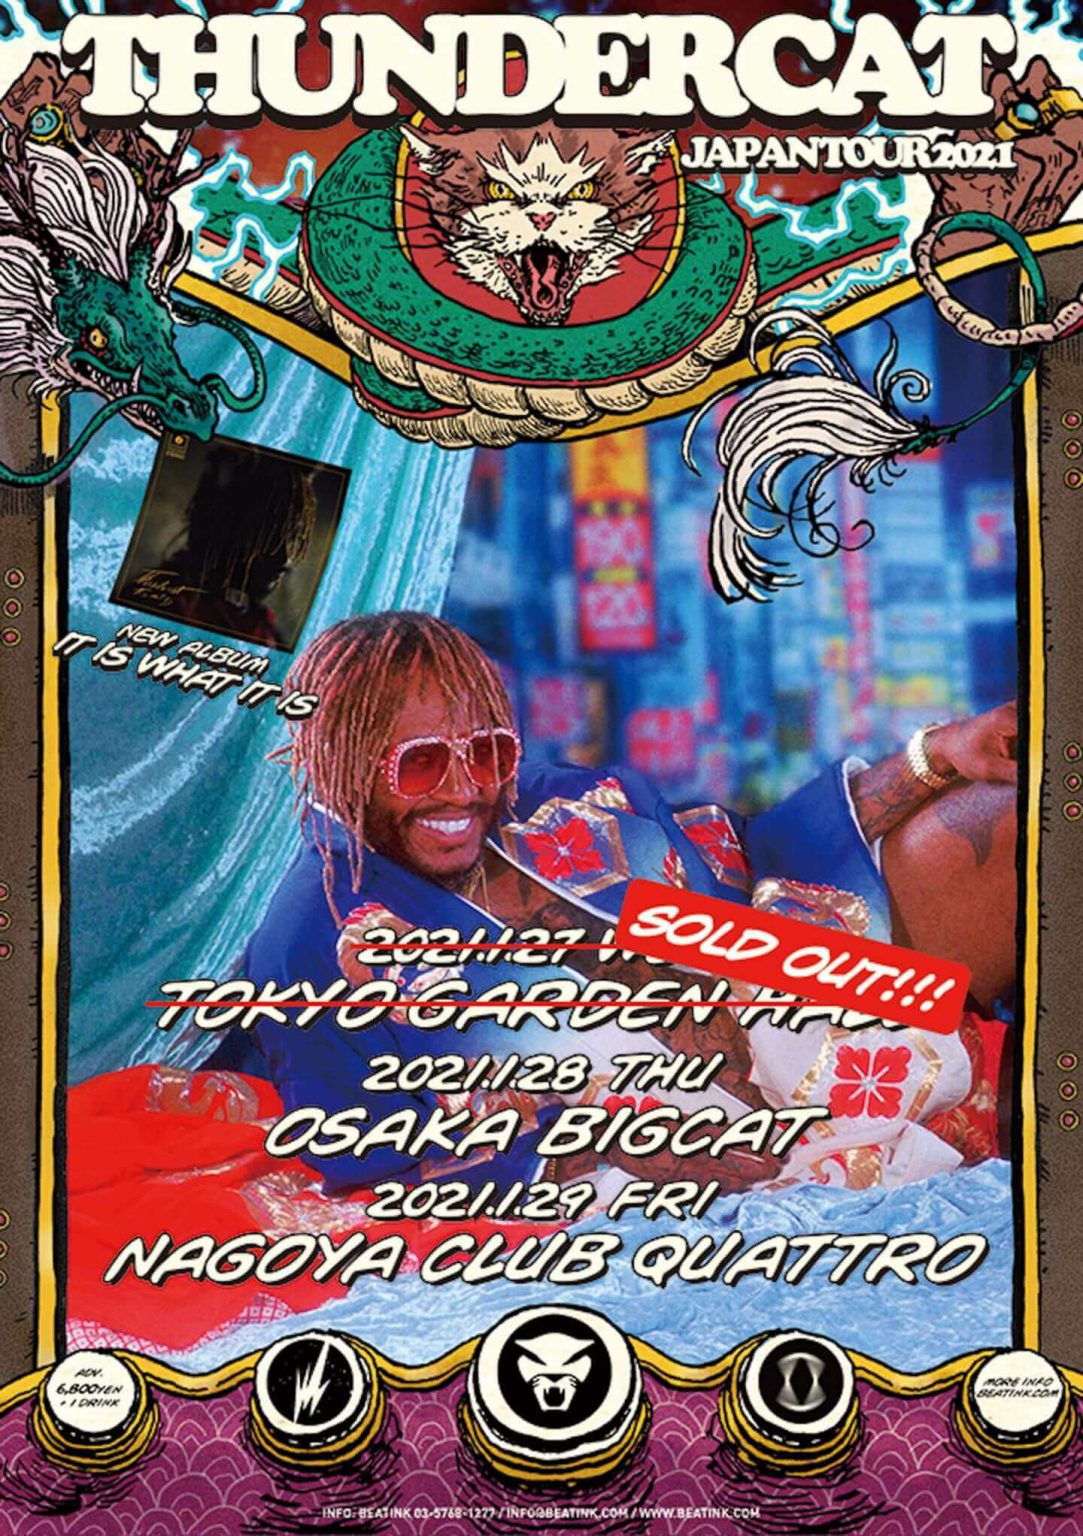 """music2000826_thundercat_4-1440x2043-1440x2043 サンダーキャットの大ヒットシングル、ドラゴンボール愛を込めた楽曲""""Dragonball Durag""""のリミックスバージョンが公開!"""